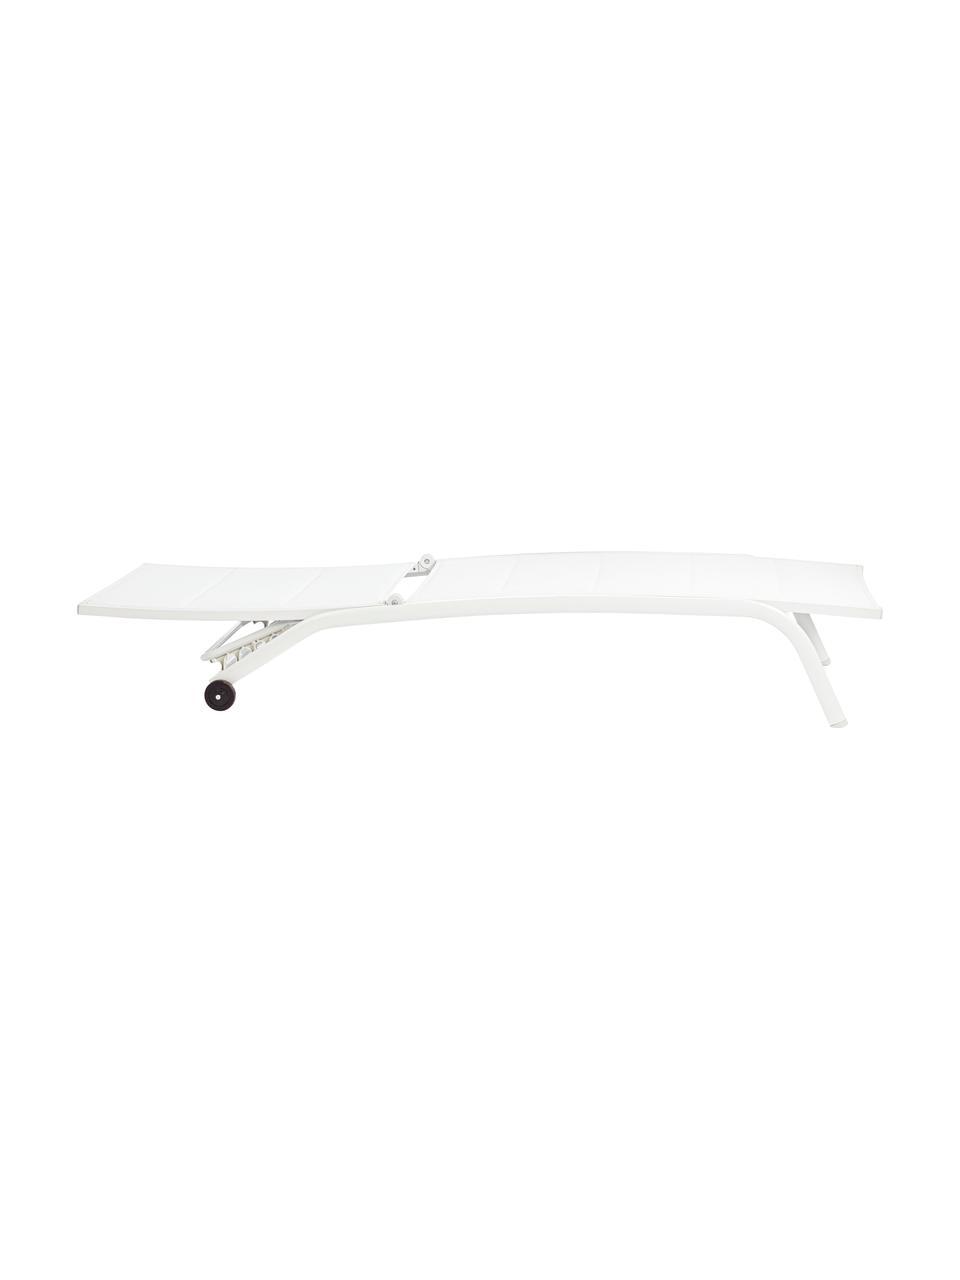 Lettino prendisole bianco Cleo, Struttura: alluminio verniciato a po, Rivestimento: textilene, Bianco, nero, Larg. 192 x Prof. 61 cm